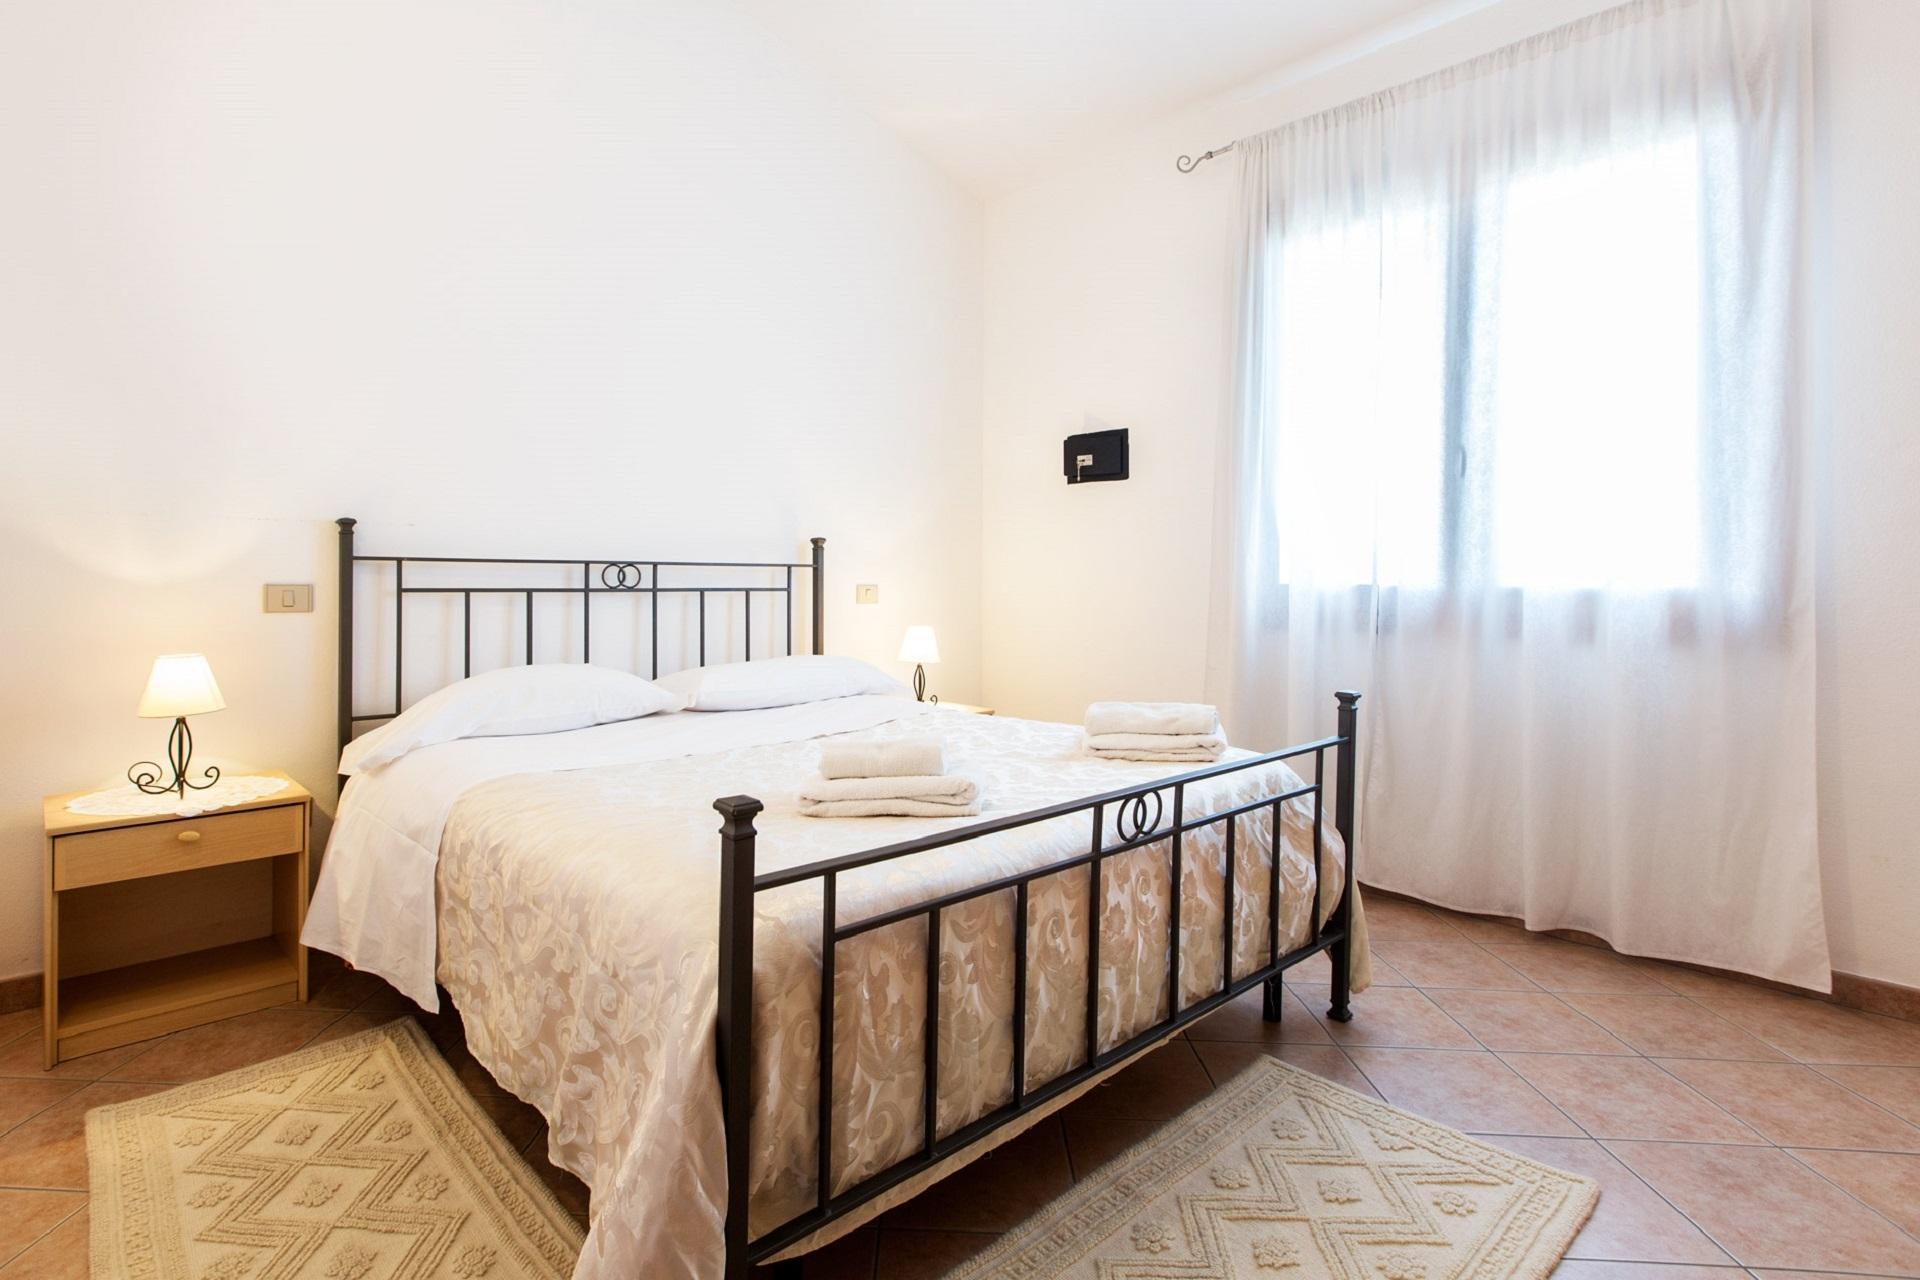 Casa Aurora 2 appartamento centrale Pula Sud Sardegna